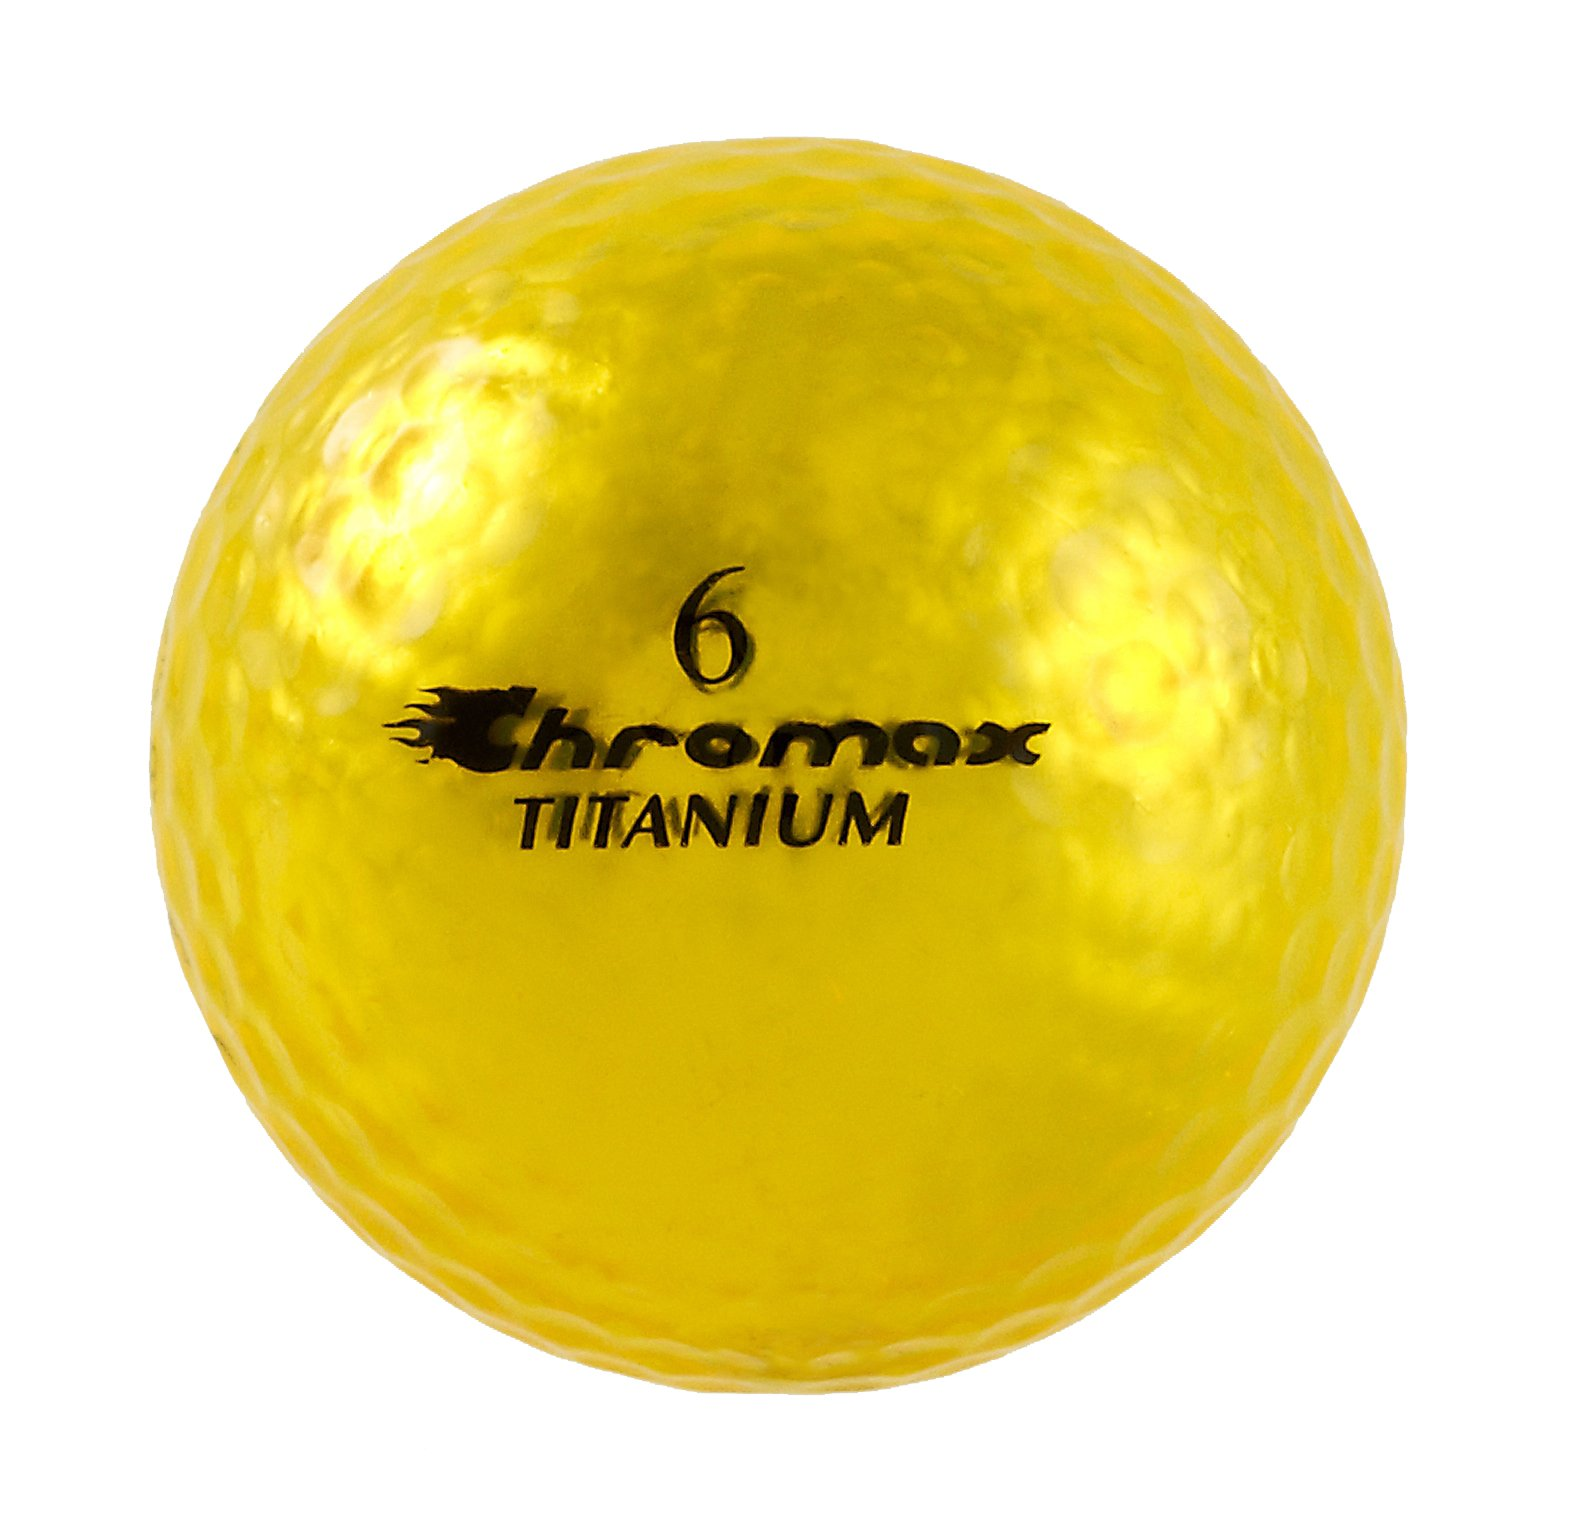 Chromax High Visibility M1x Golf Balls 6-Pack, Gold by Chromax